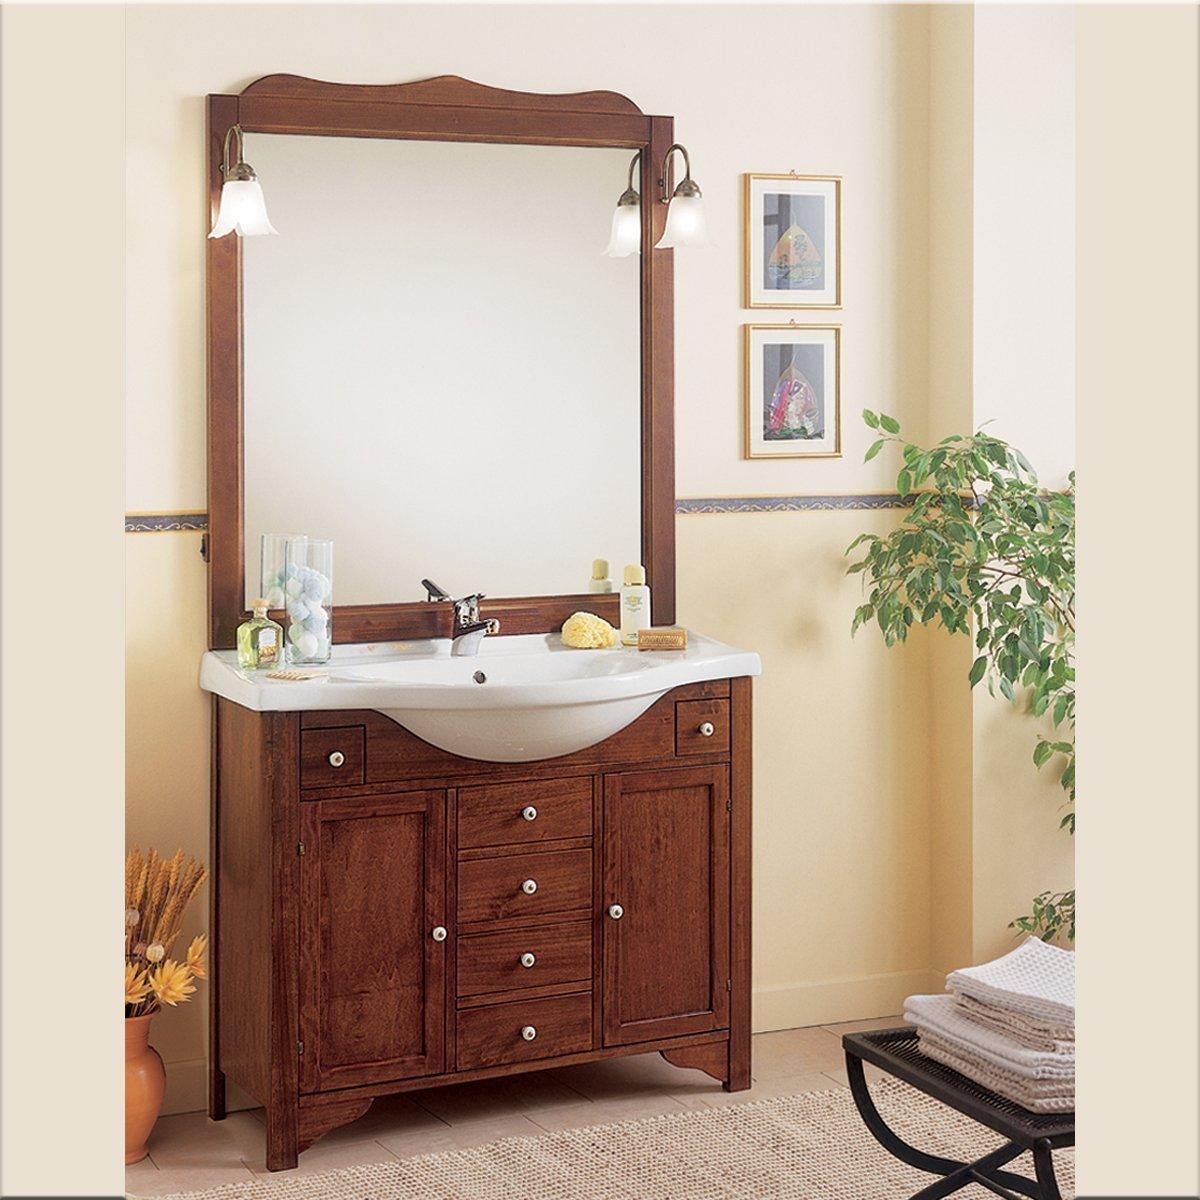 mobili bagno design promozione online prezzi e offerte ... - Prezzi Mobili Bagno Classici